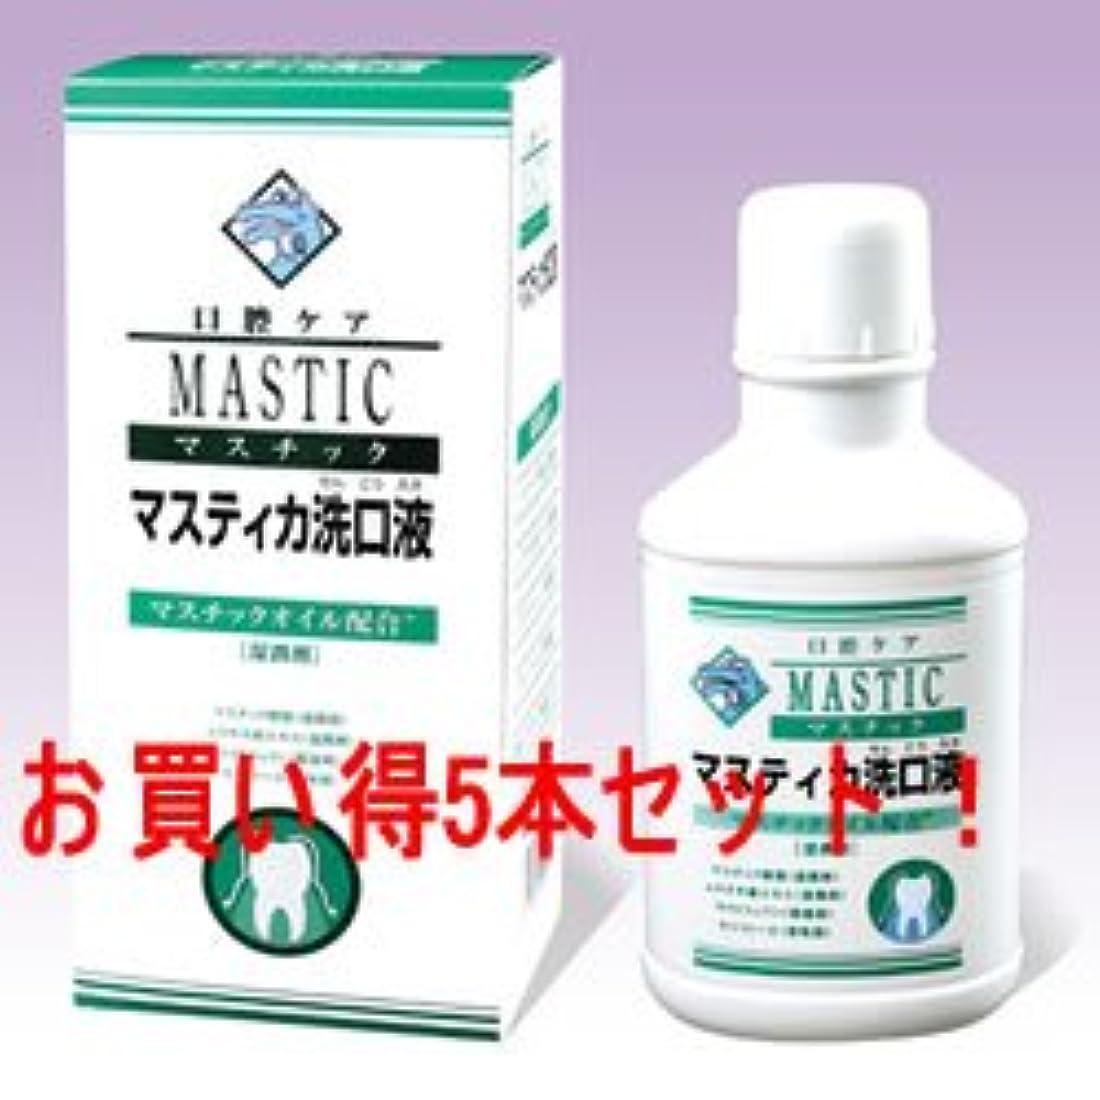 令状論争的マスタードマスチック マスティカ洗口液480ml(5本セット)